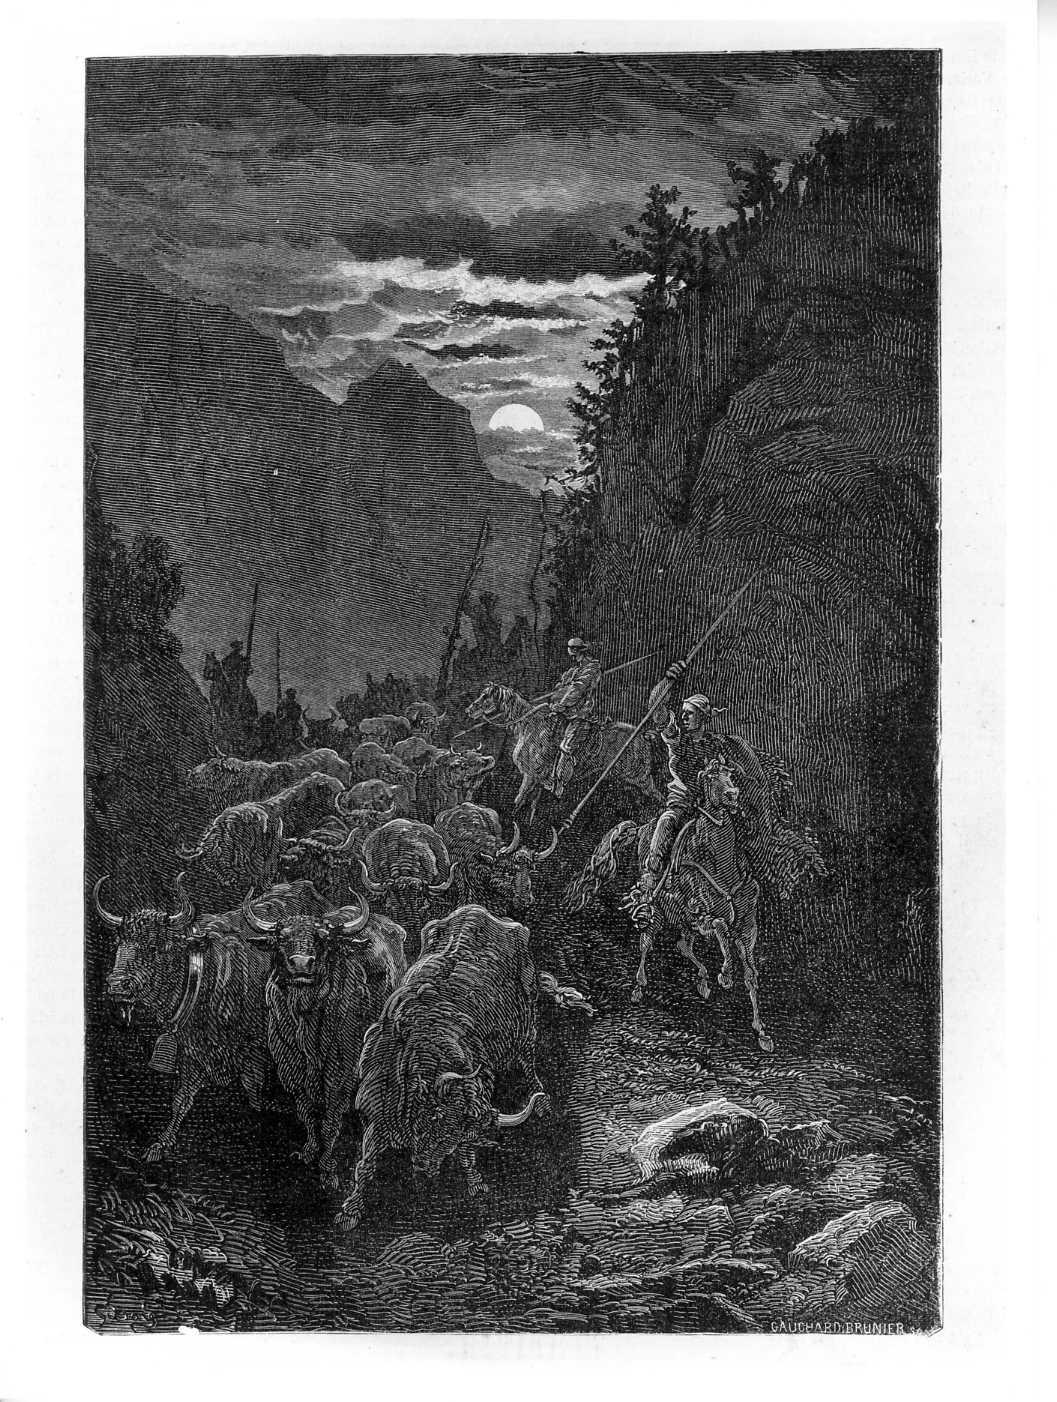 Tori condotti a Valenza di notte (costumi spagnoli), paesaggio con animali (stampa) di Doré Gustave (attribuito), Gauchard Brunier (attribuito) (sec. XIX)